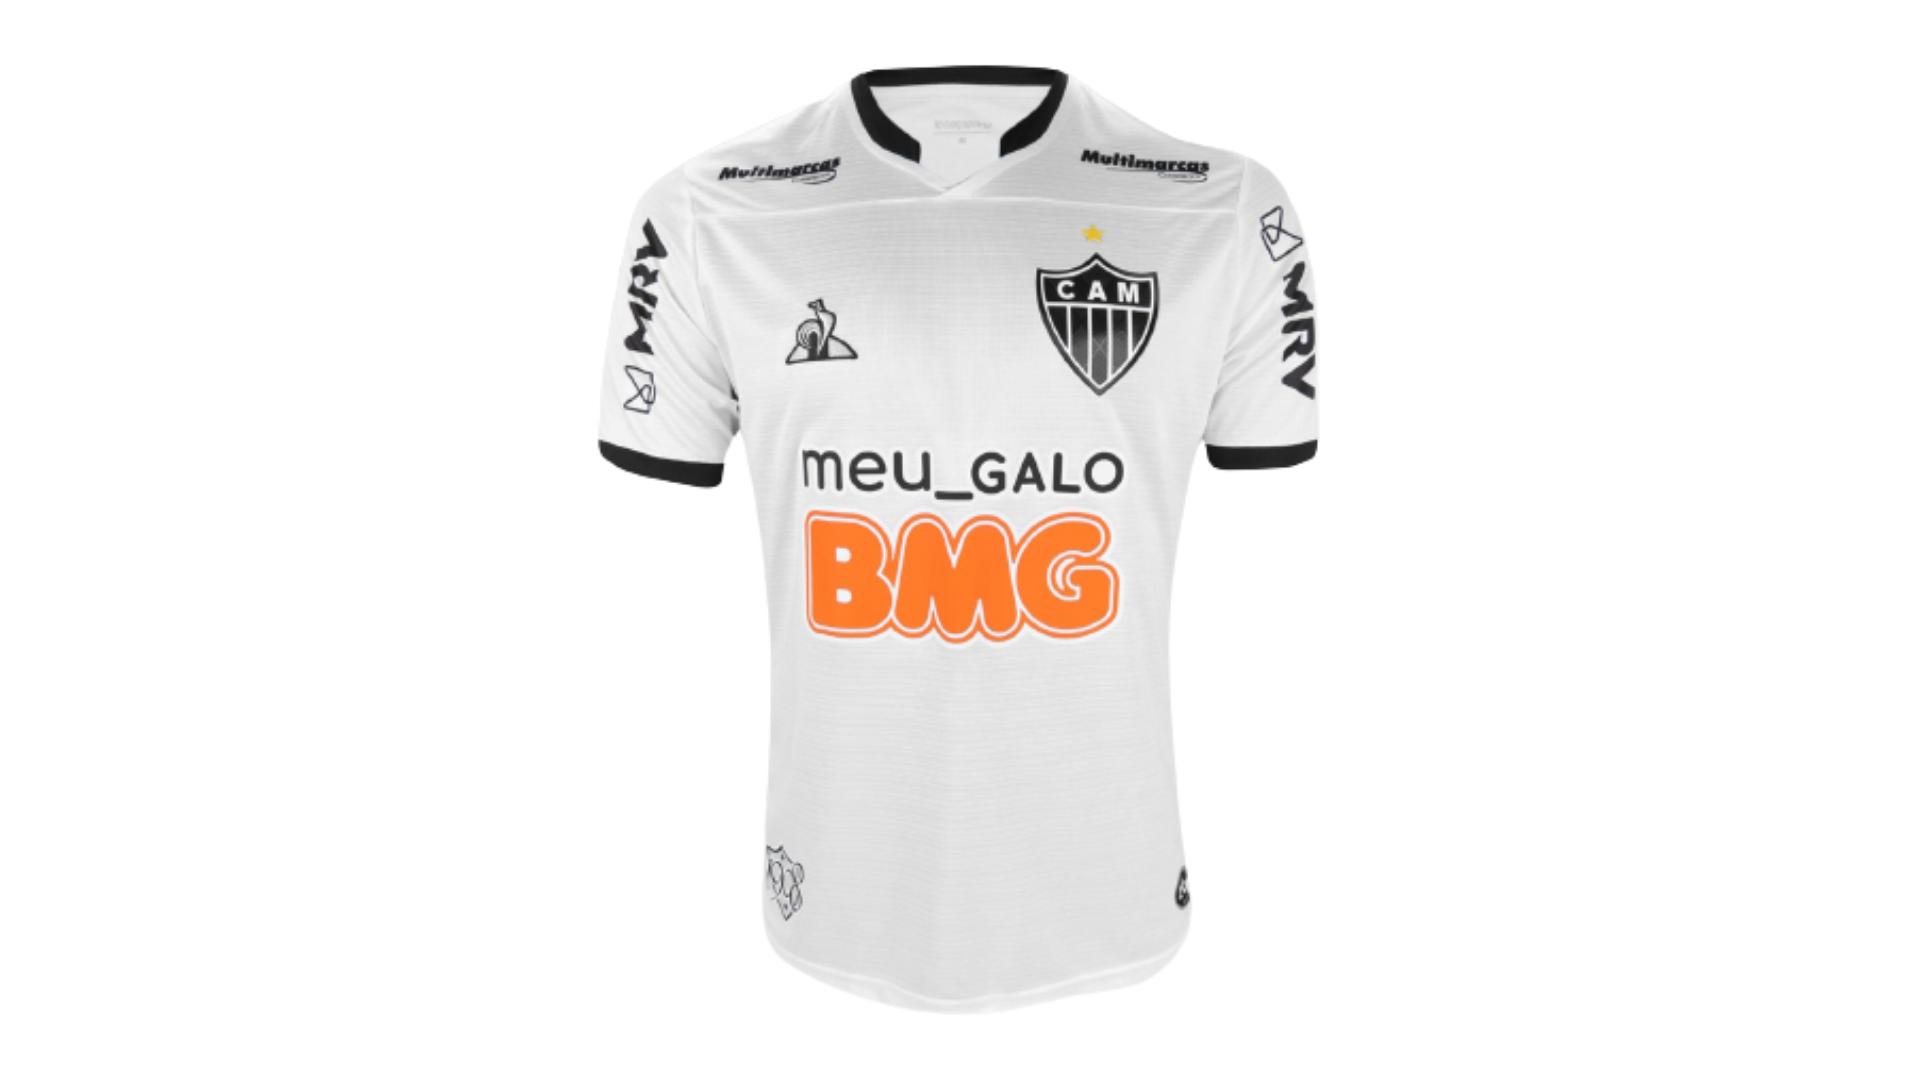 Camisa do Galo 2020 Le Coq Sportif Jogo 2 (Imagem: Divulgação/Le Coq Sportif)